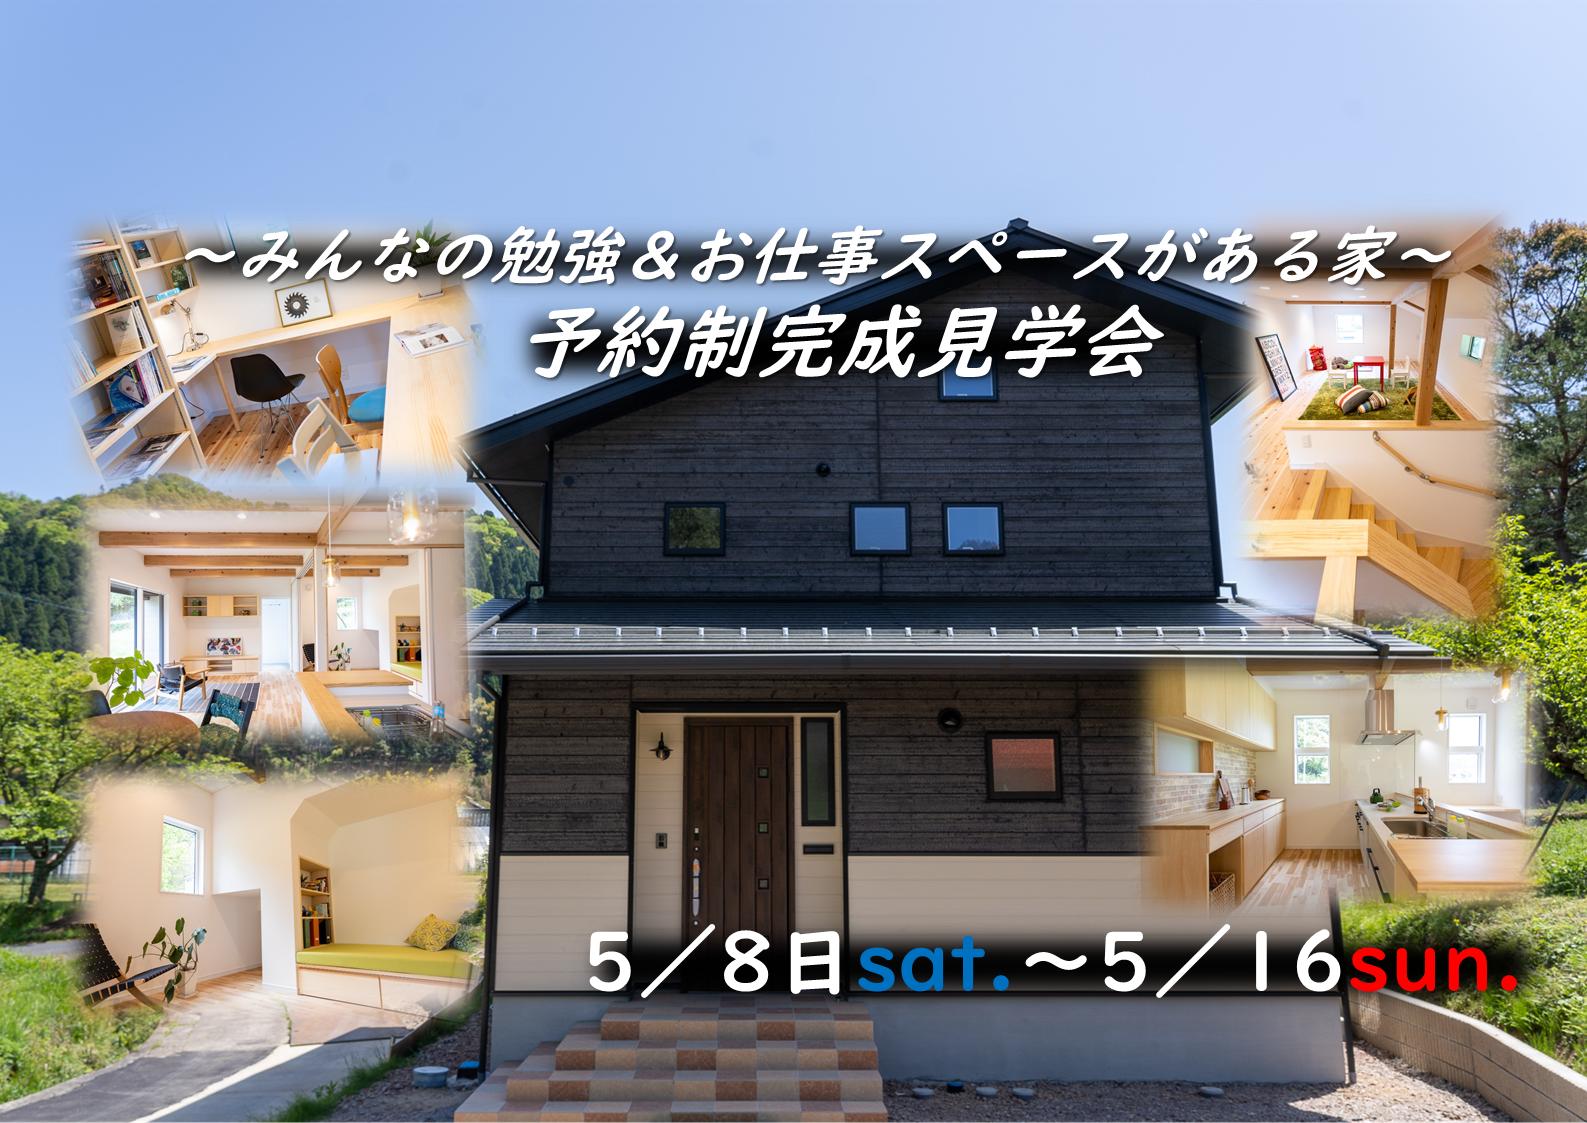 【完全予約制】『みんなの勉強&お仕事スペース』がある家  完成見学会(鳥取市河原町)